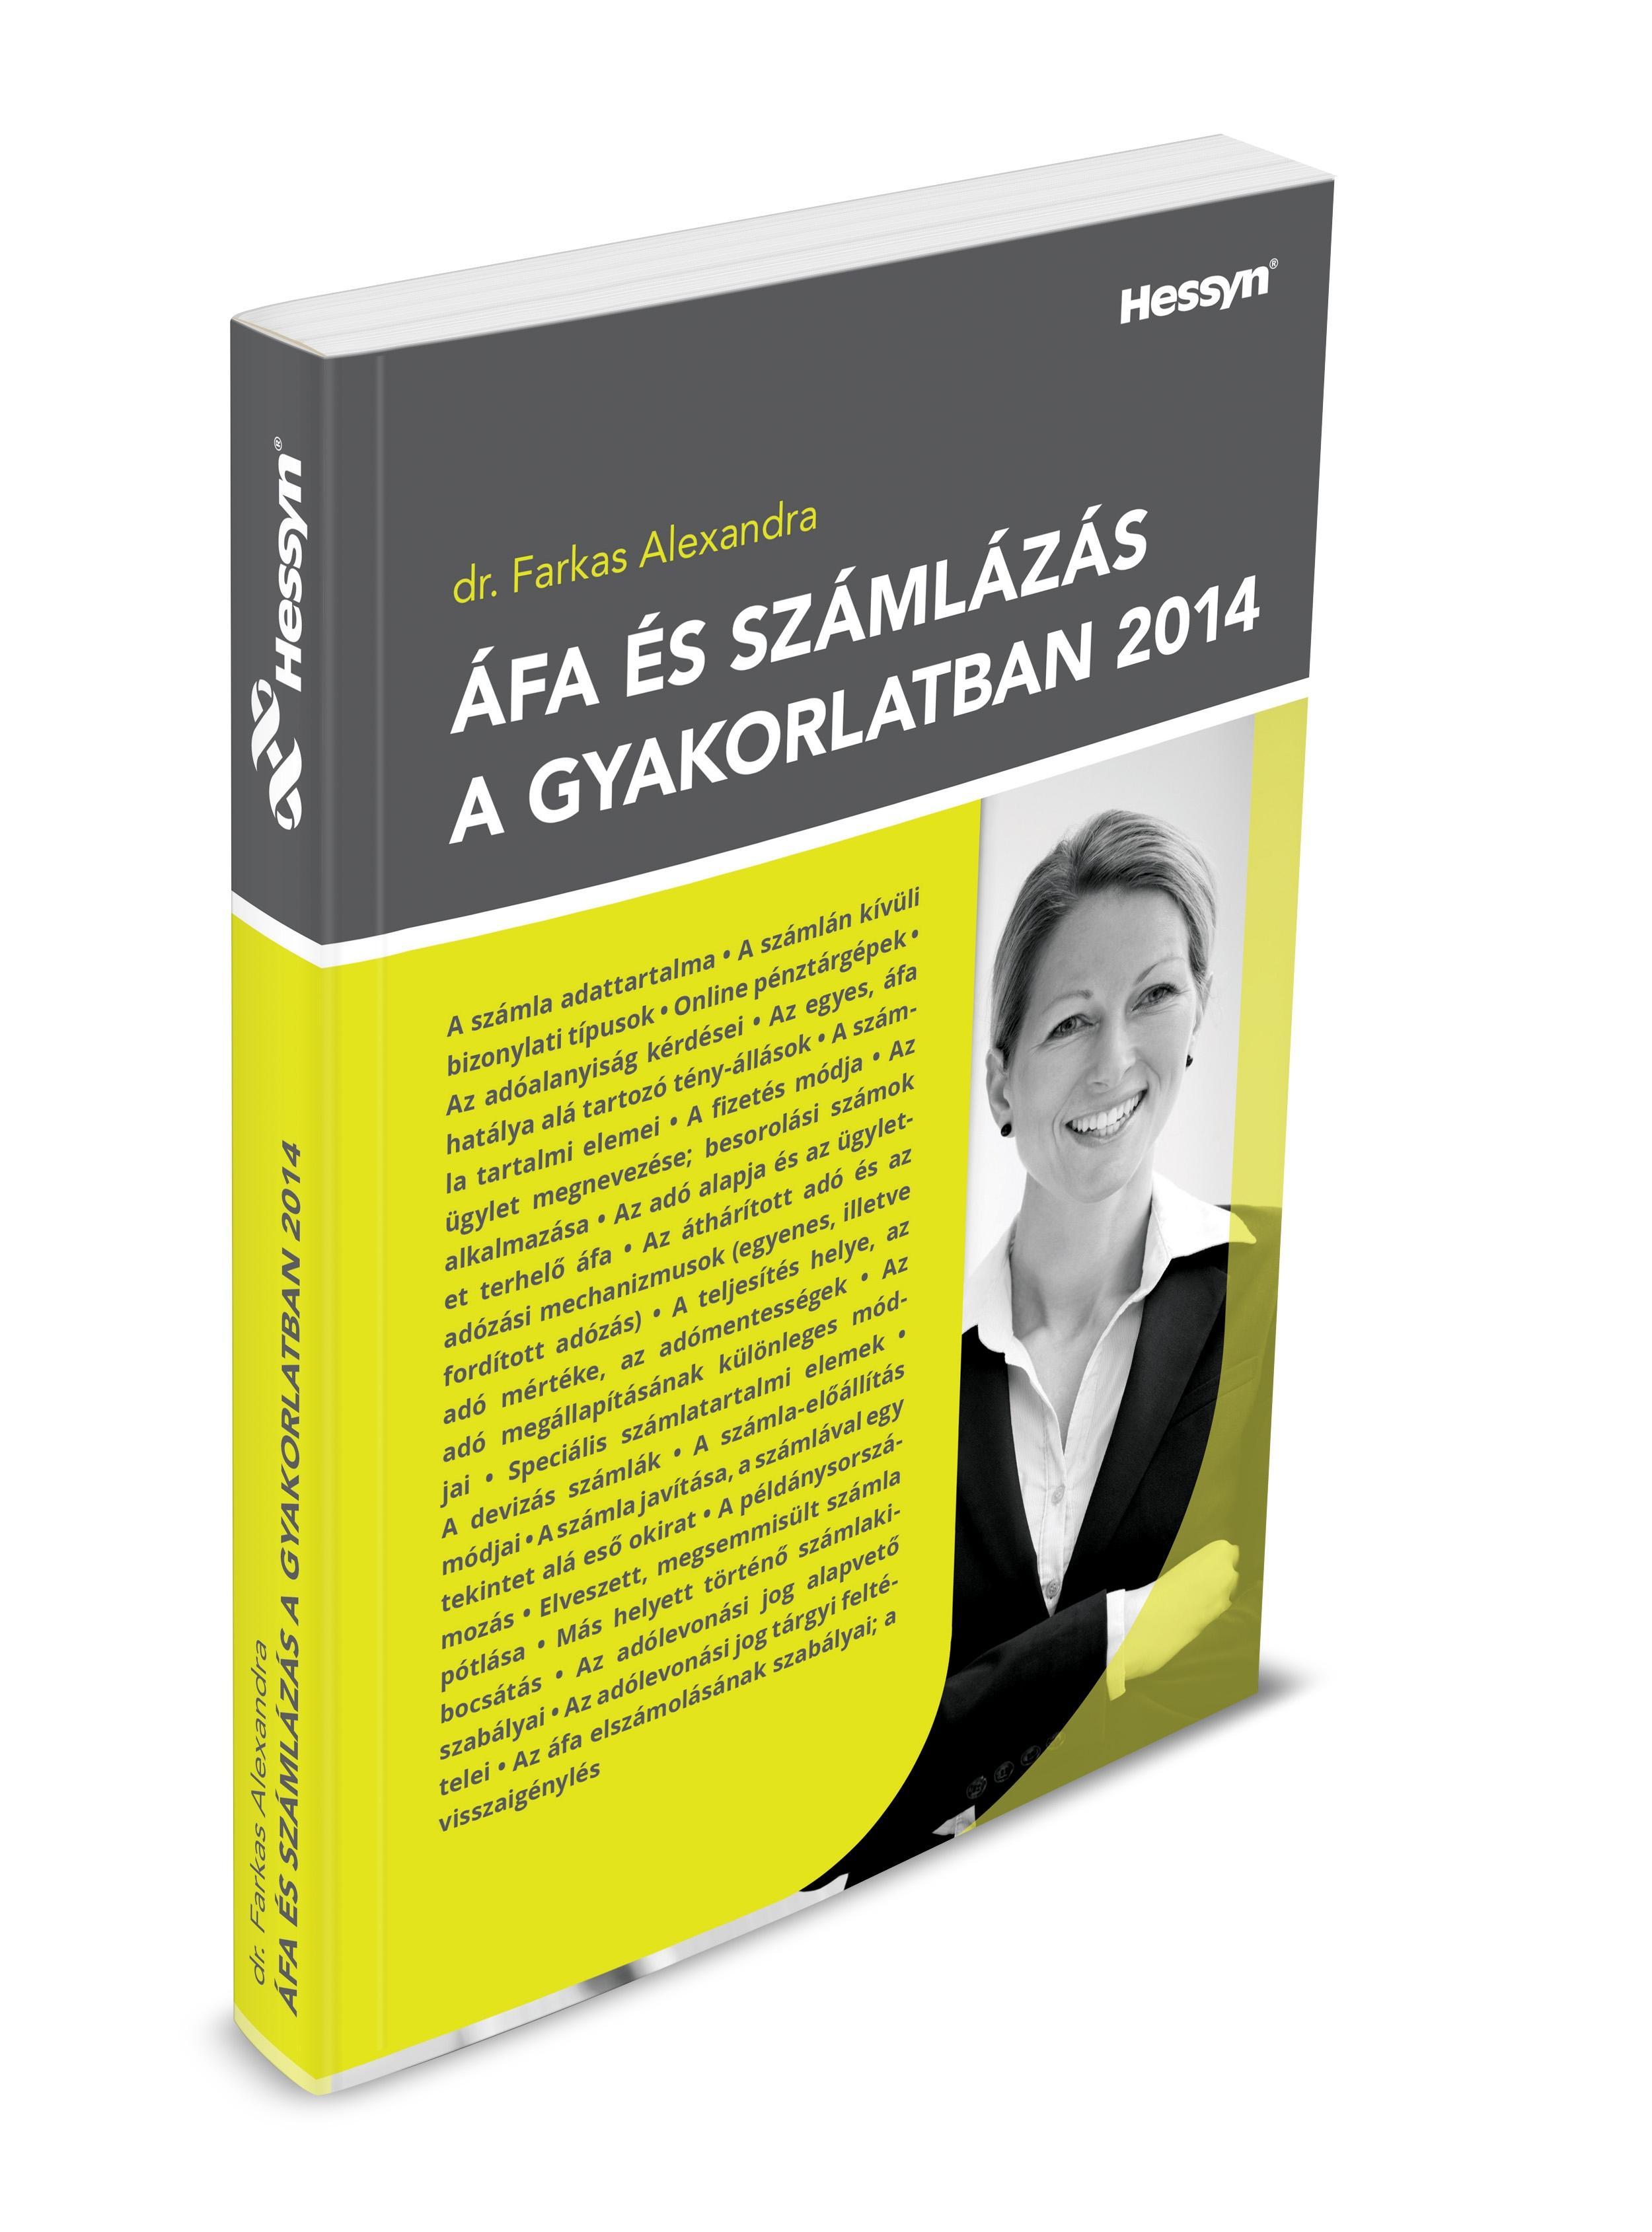 FARKAS ALEXANDRA DR. - ÁFA ÉS SZÁMLÁZÁS A GYAKORLATBAN 2014